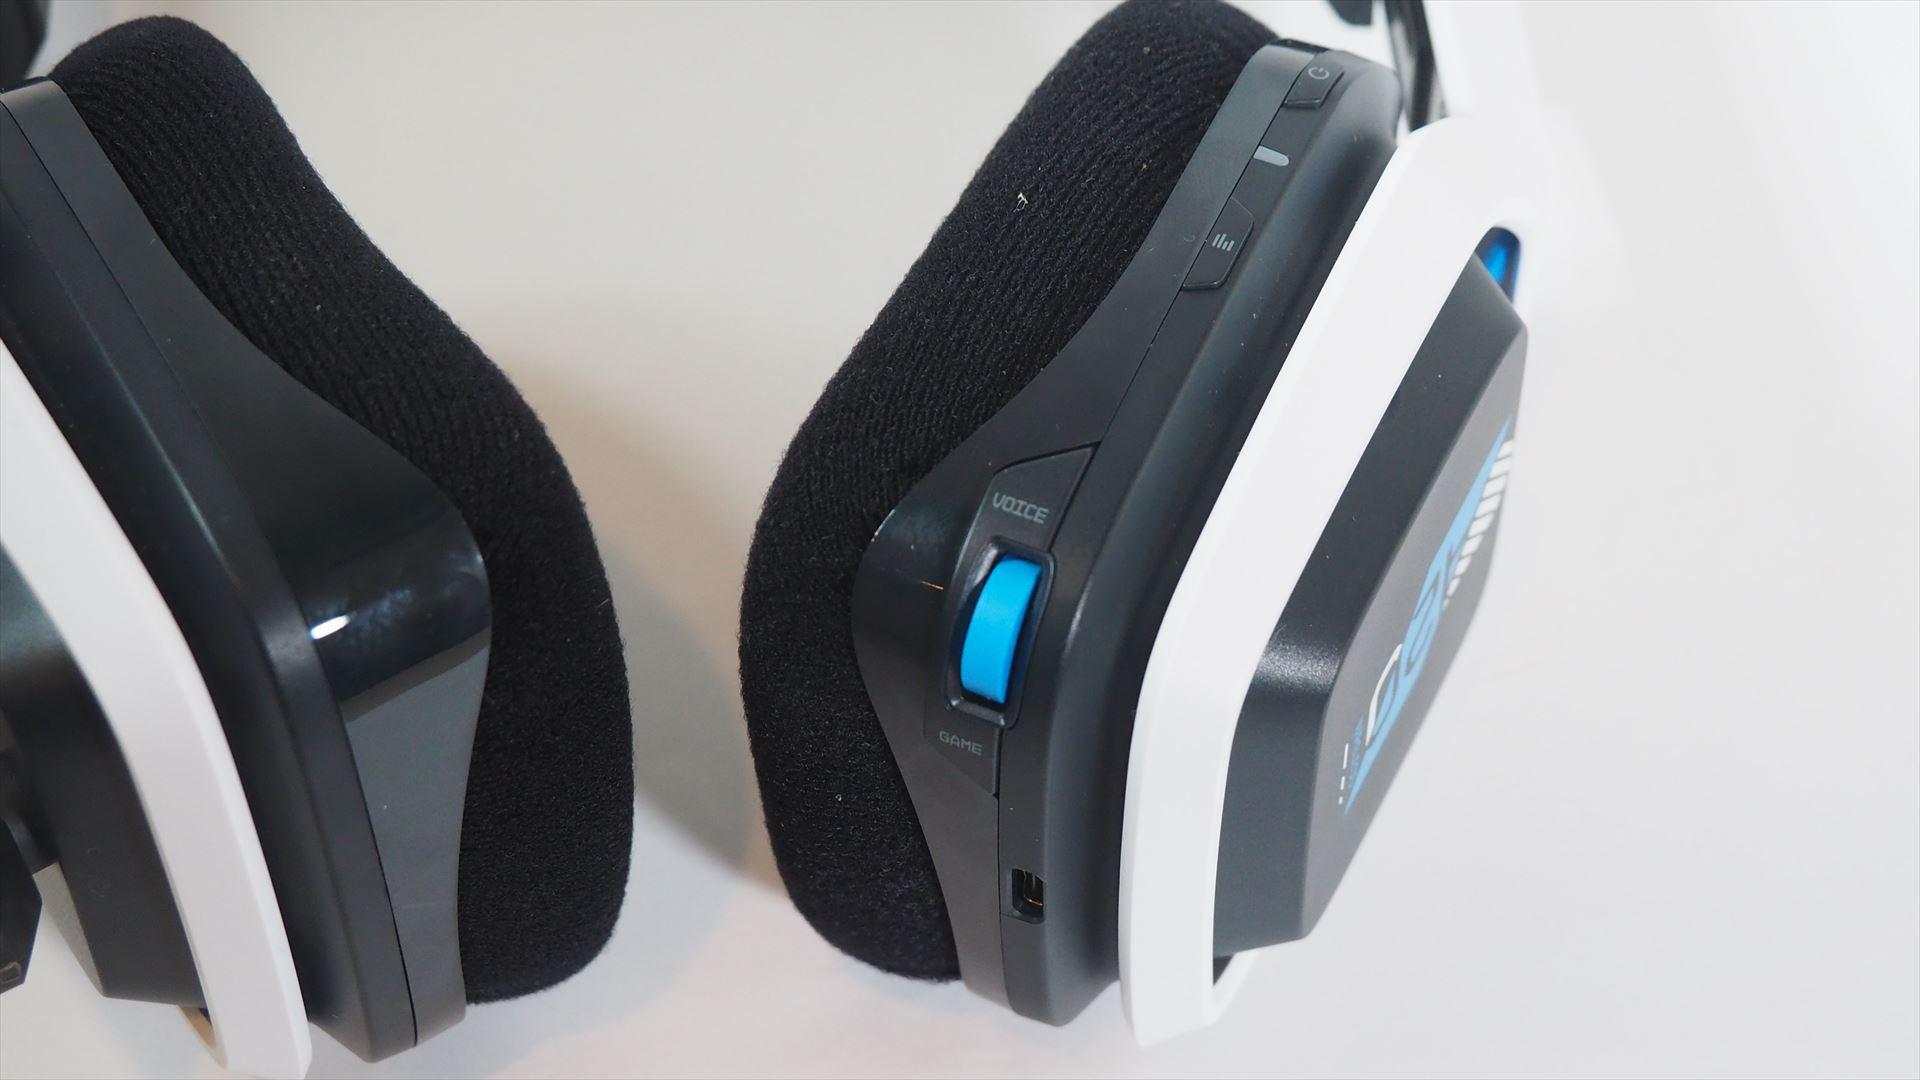 右のイヤーパッド部分には、音量バランス調整つまみと音質を切り替えるEQボタン、電源ボタンが用意されている